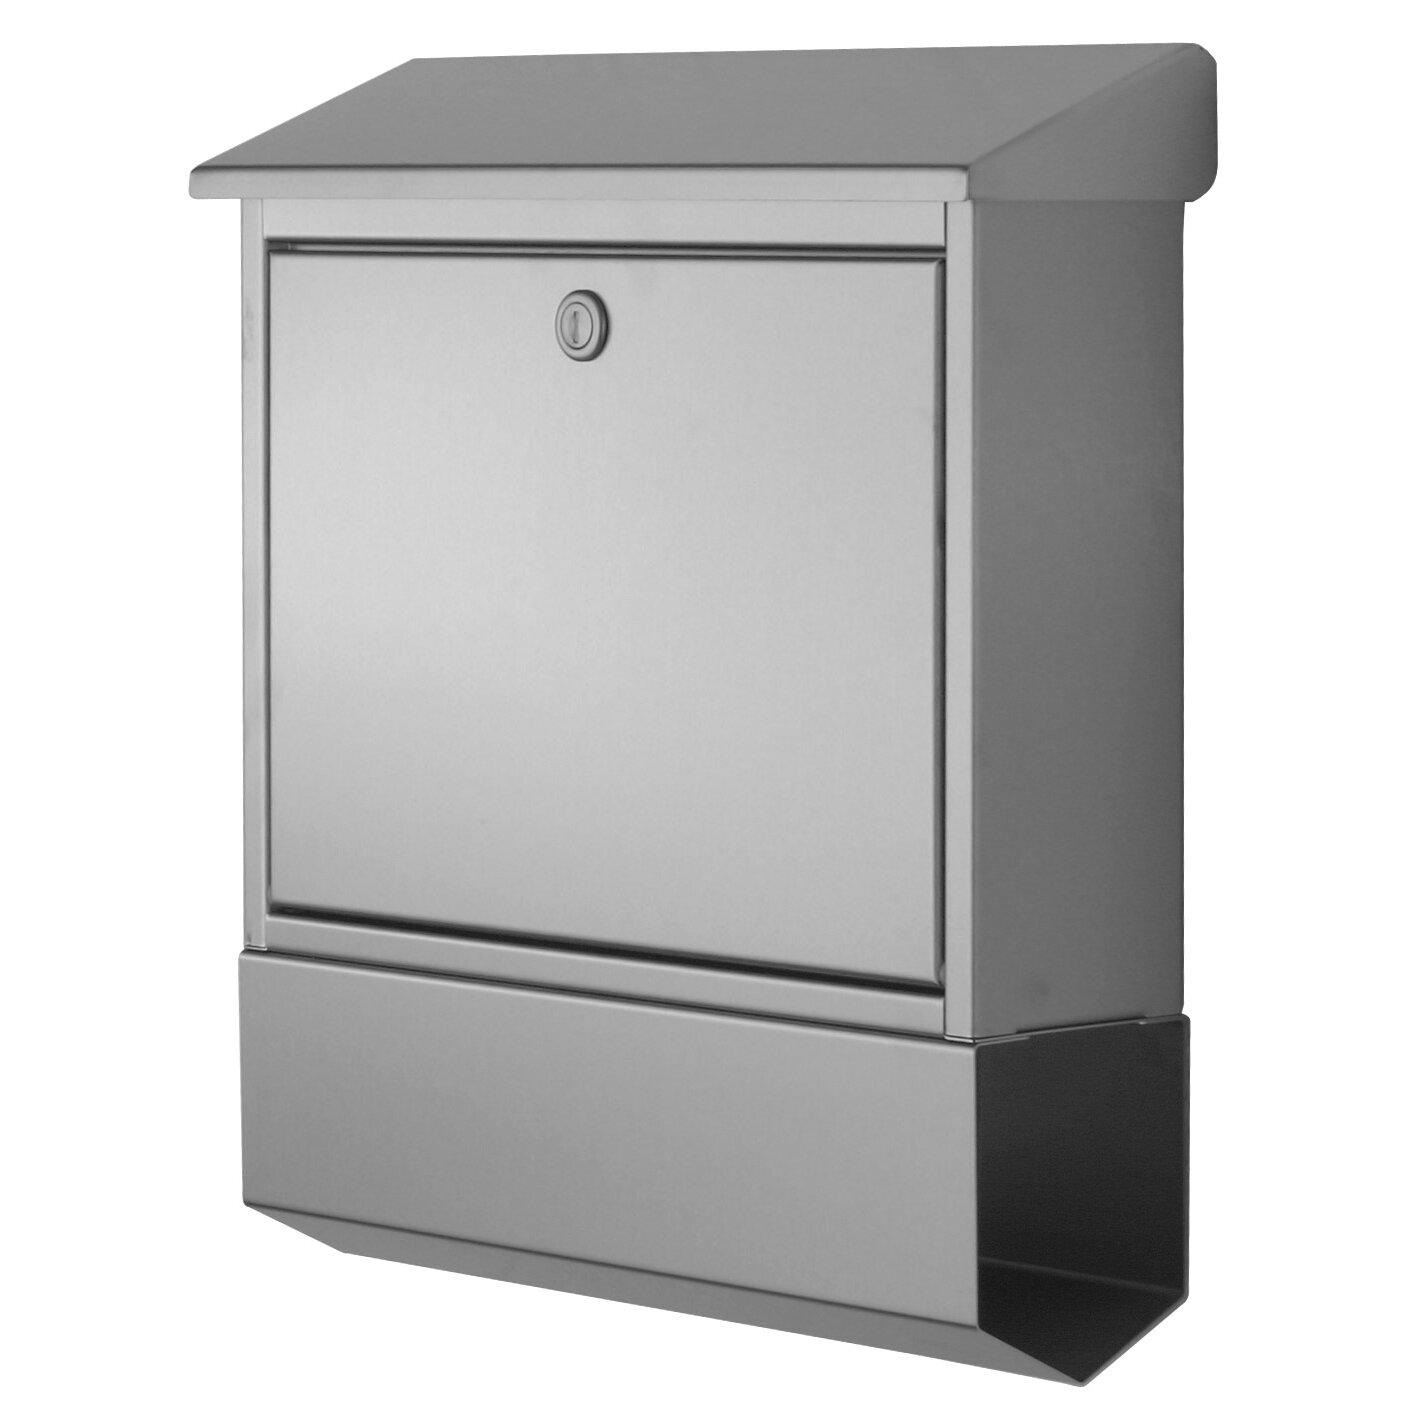 briefkasten holz mit zeitungsfach. Black Bedroom Furniture Sets. Home Design Ideas